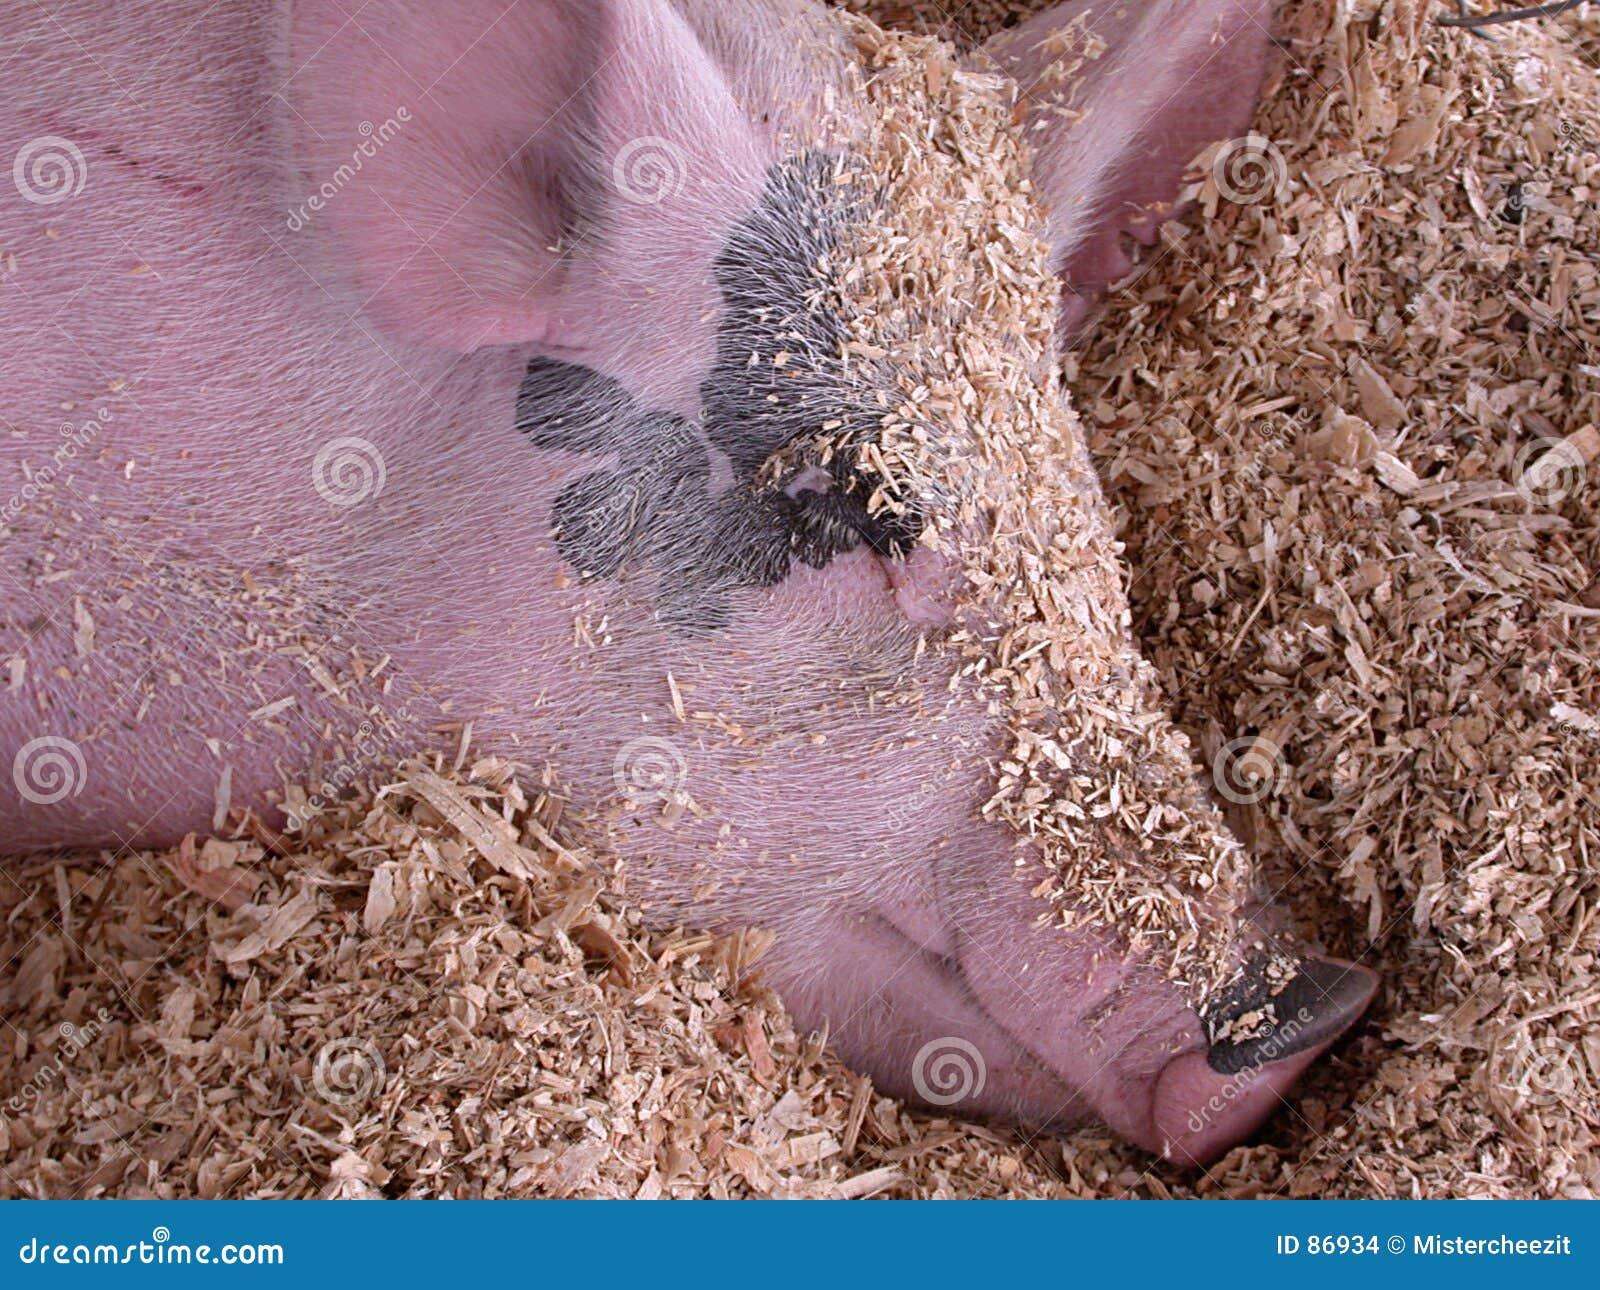 Marzy o świń